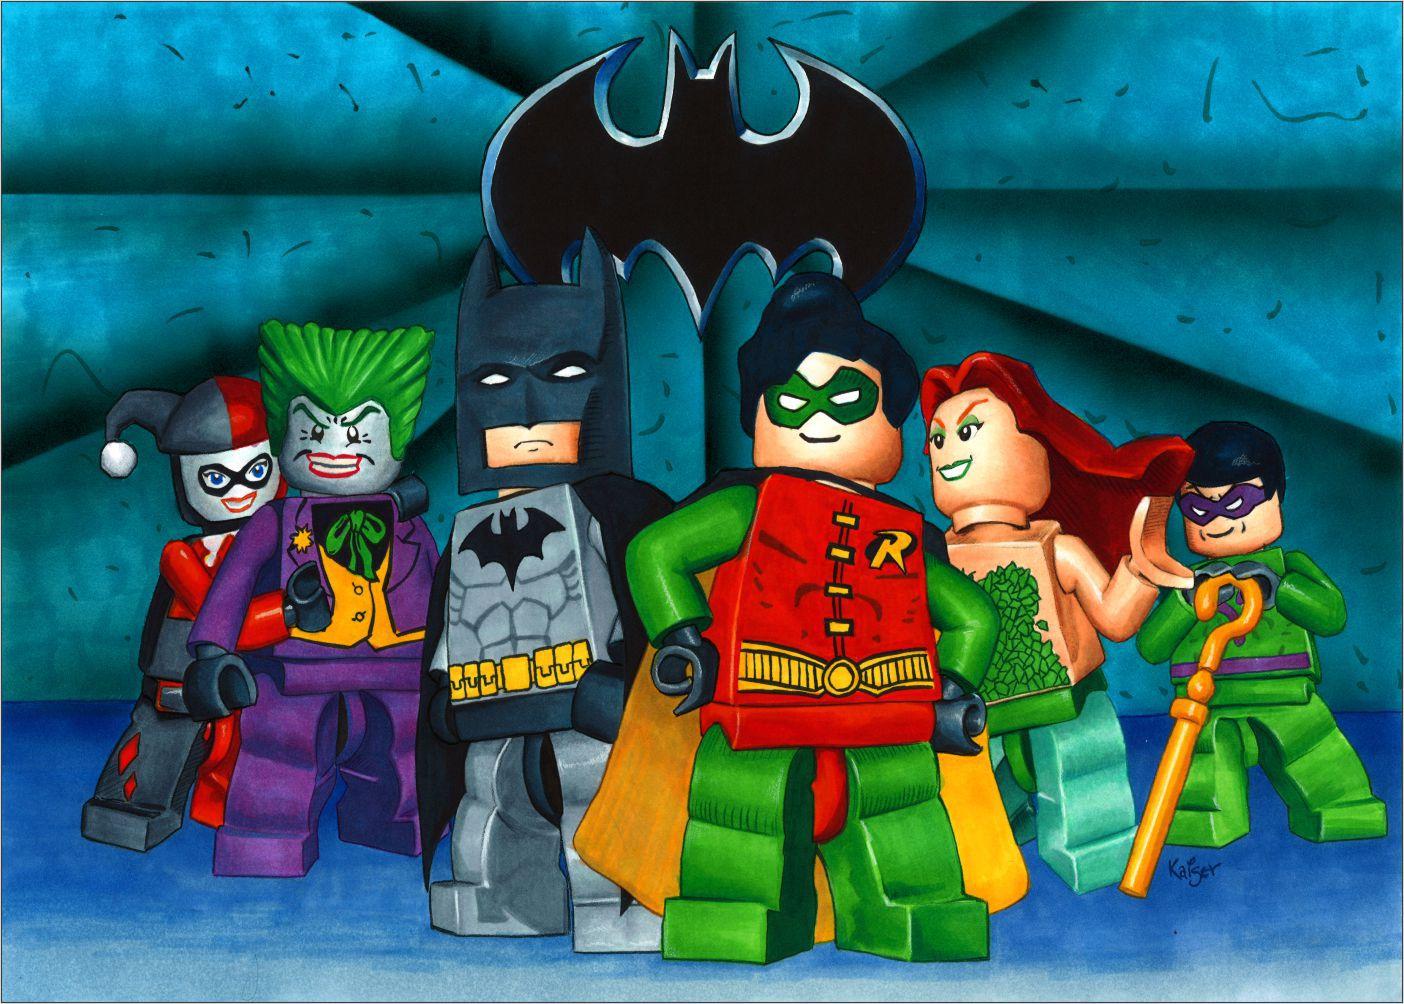 Papel de Parede Infantil Heróis lego 0009  - Paredes Decoradas